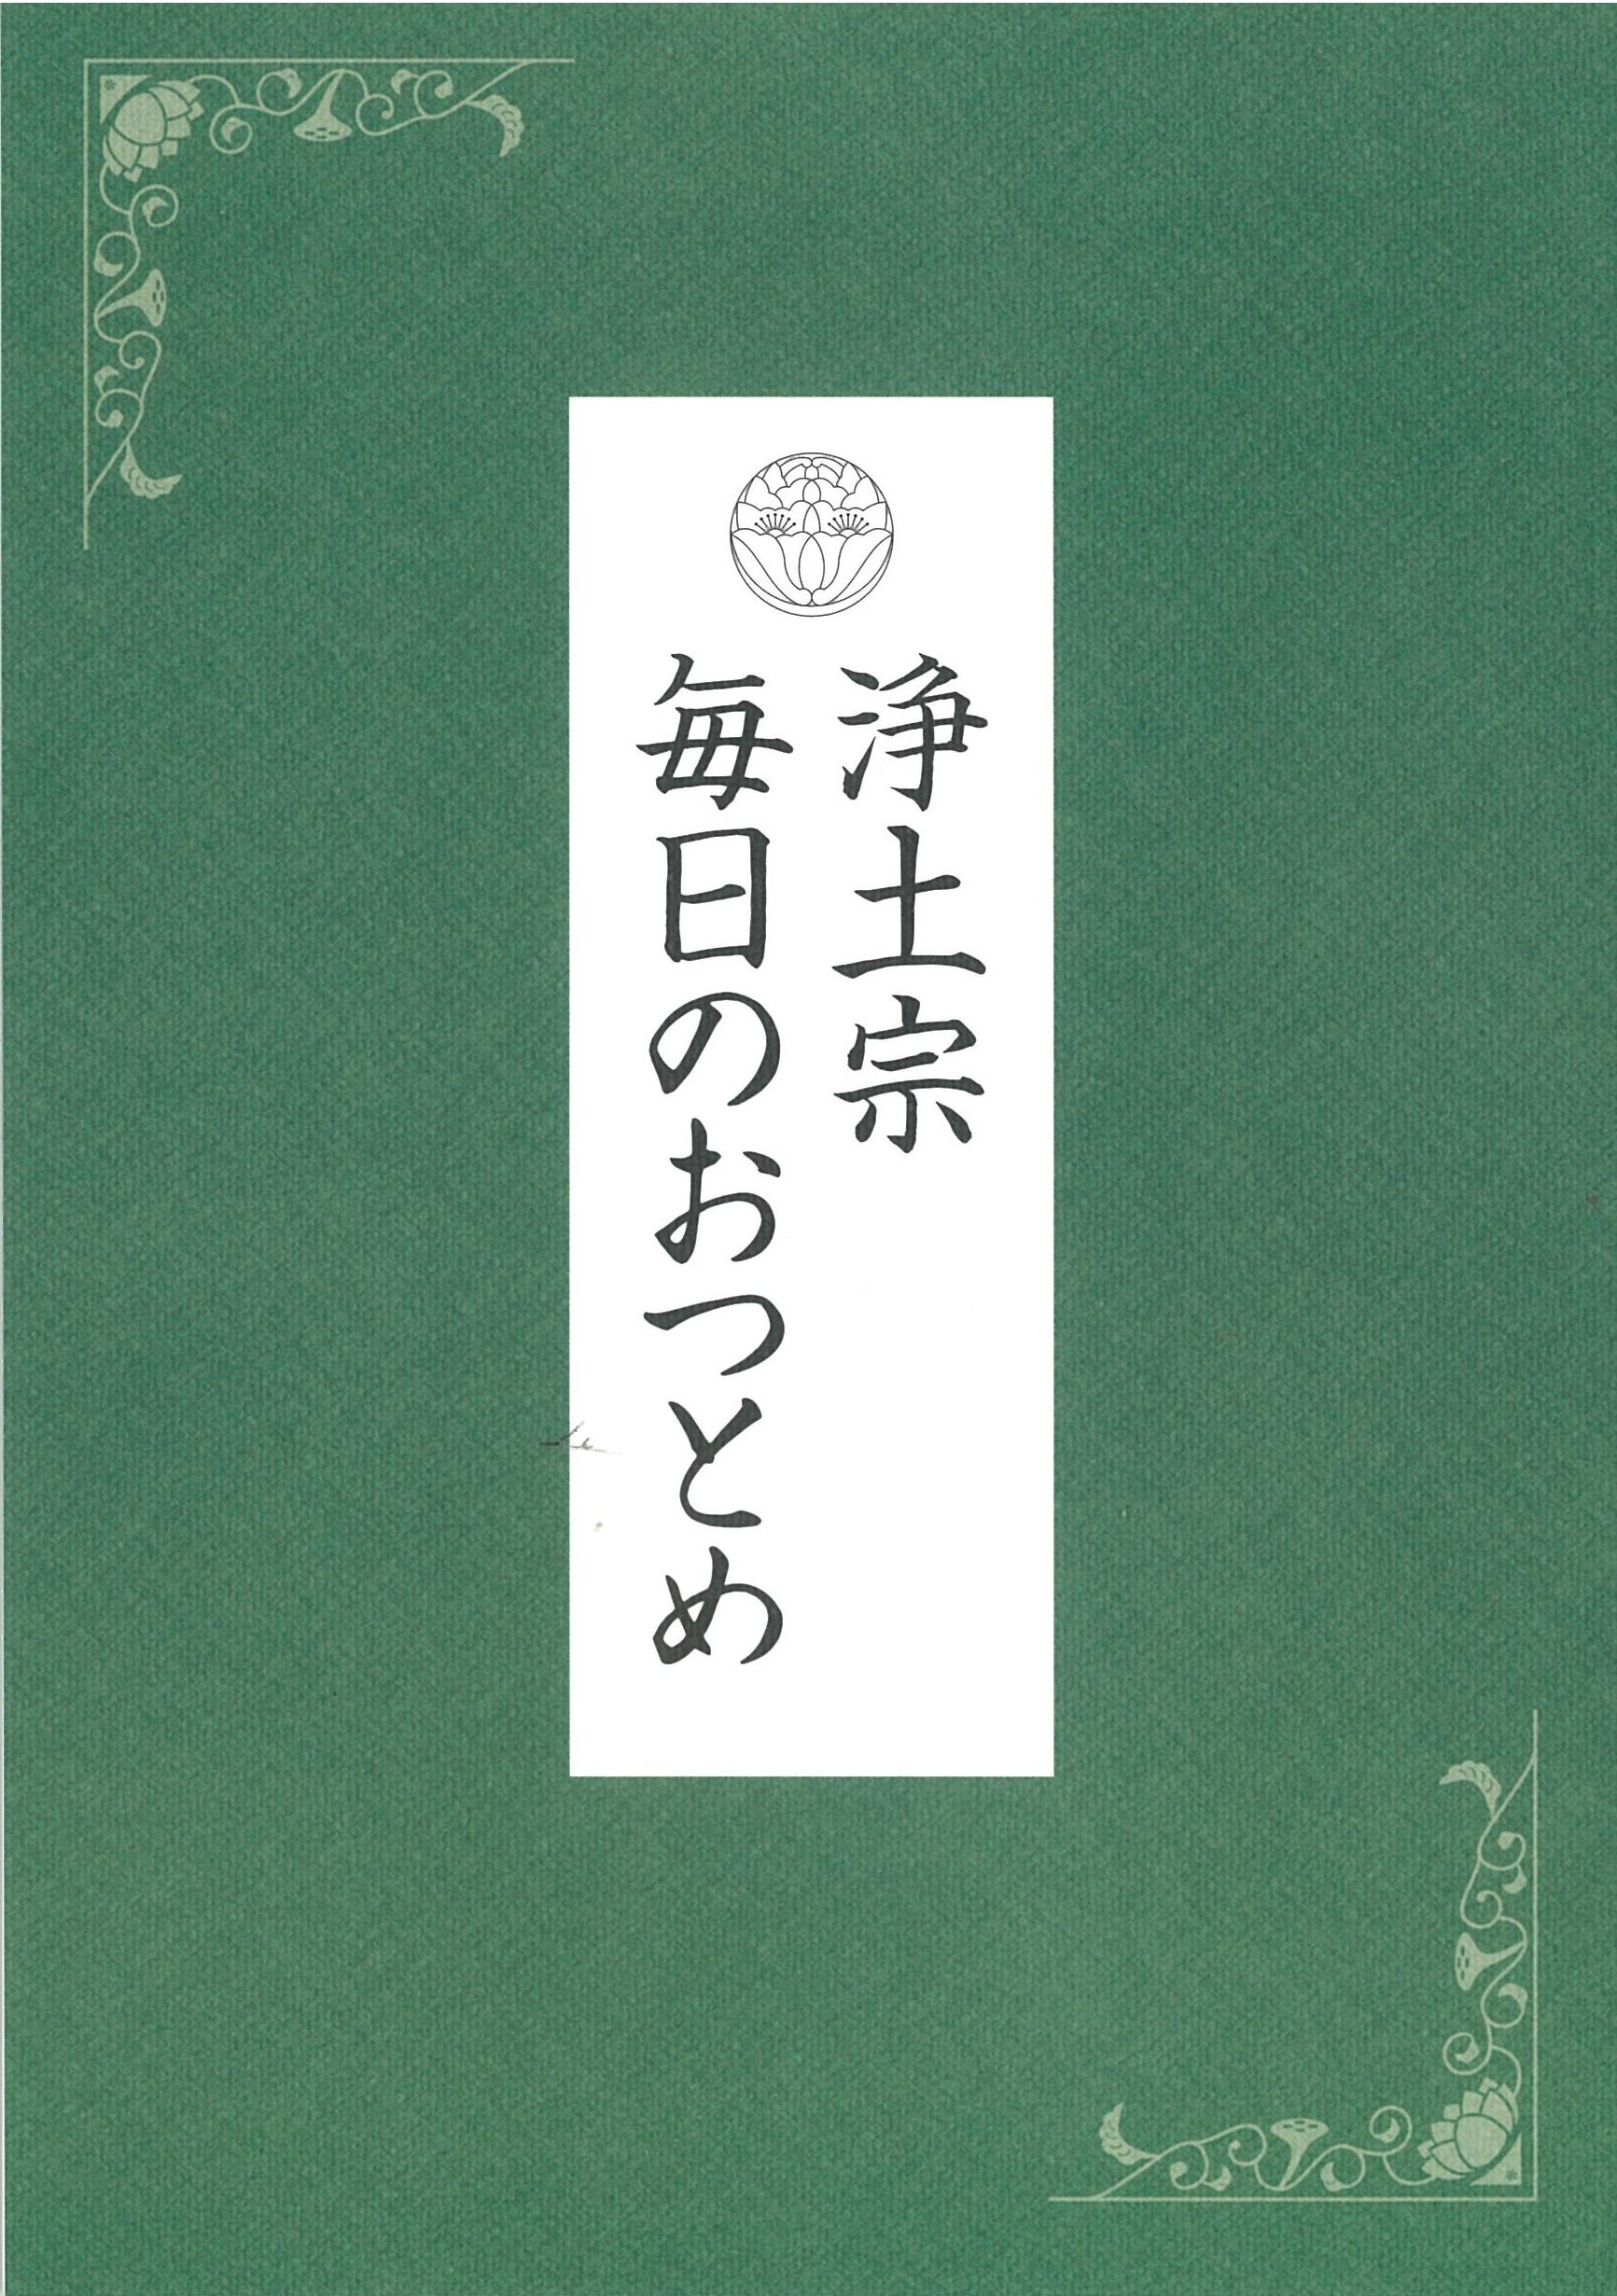 浄土宗毎日のおつとめ.jpg